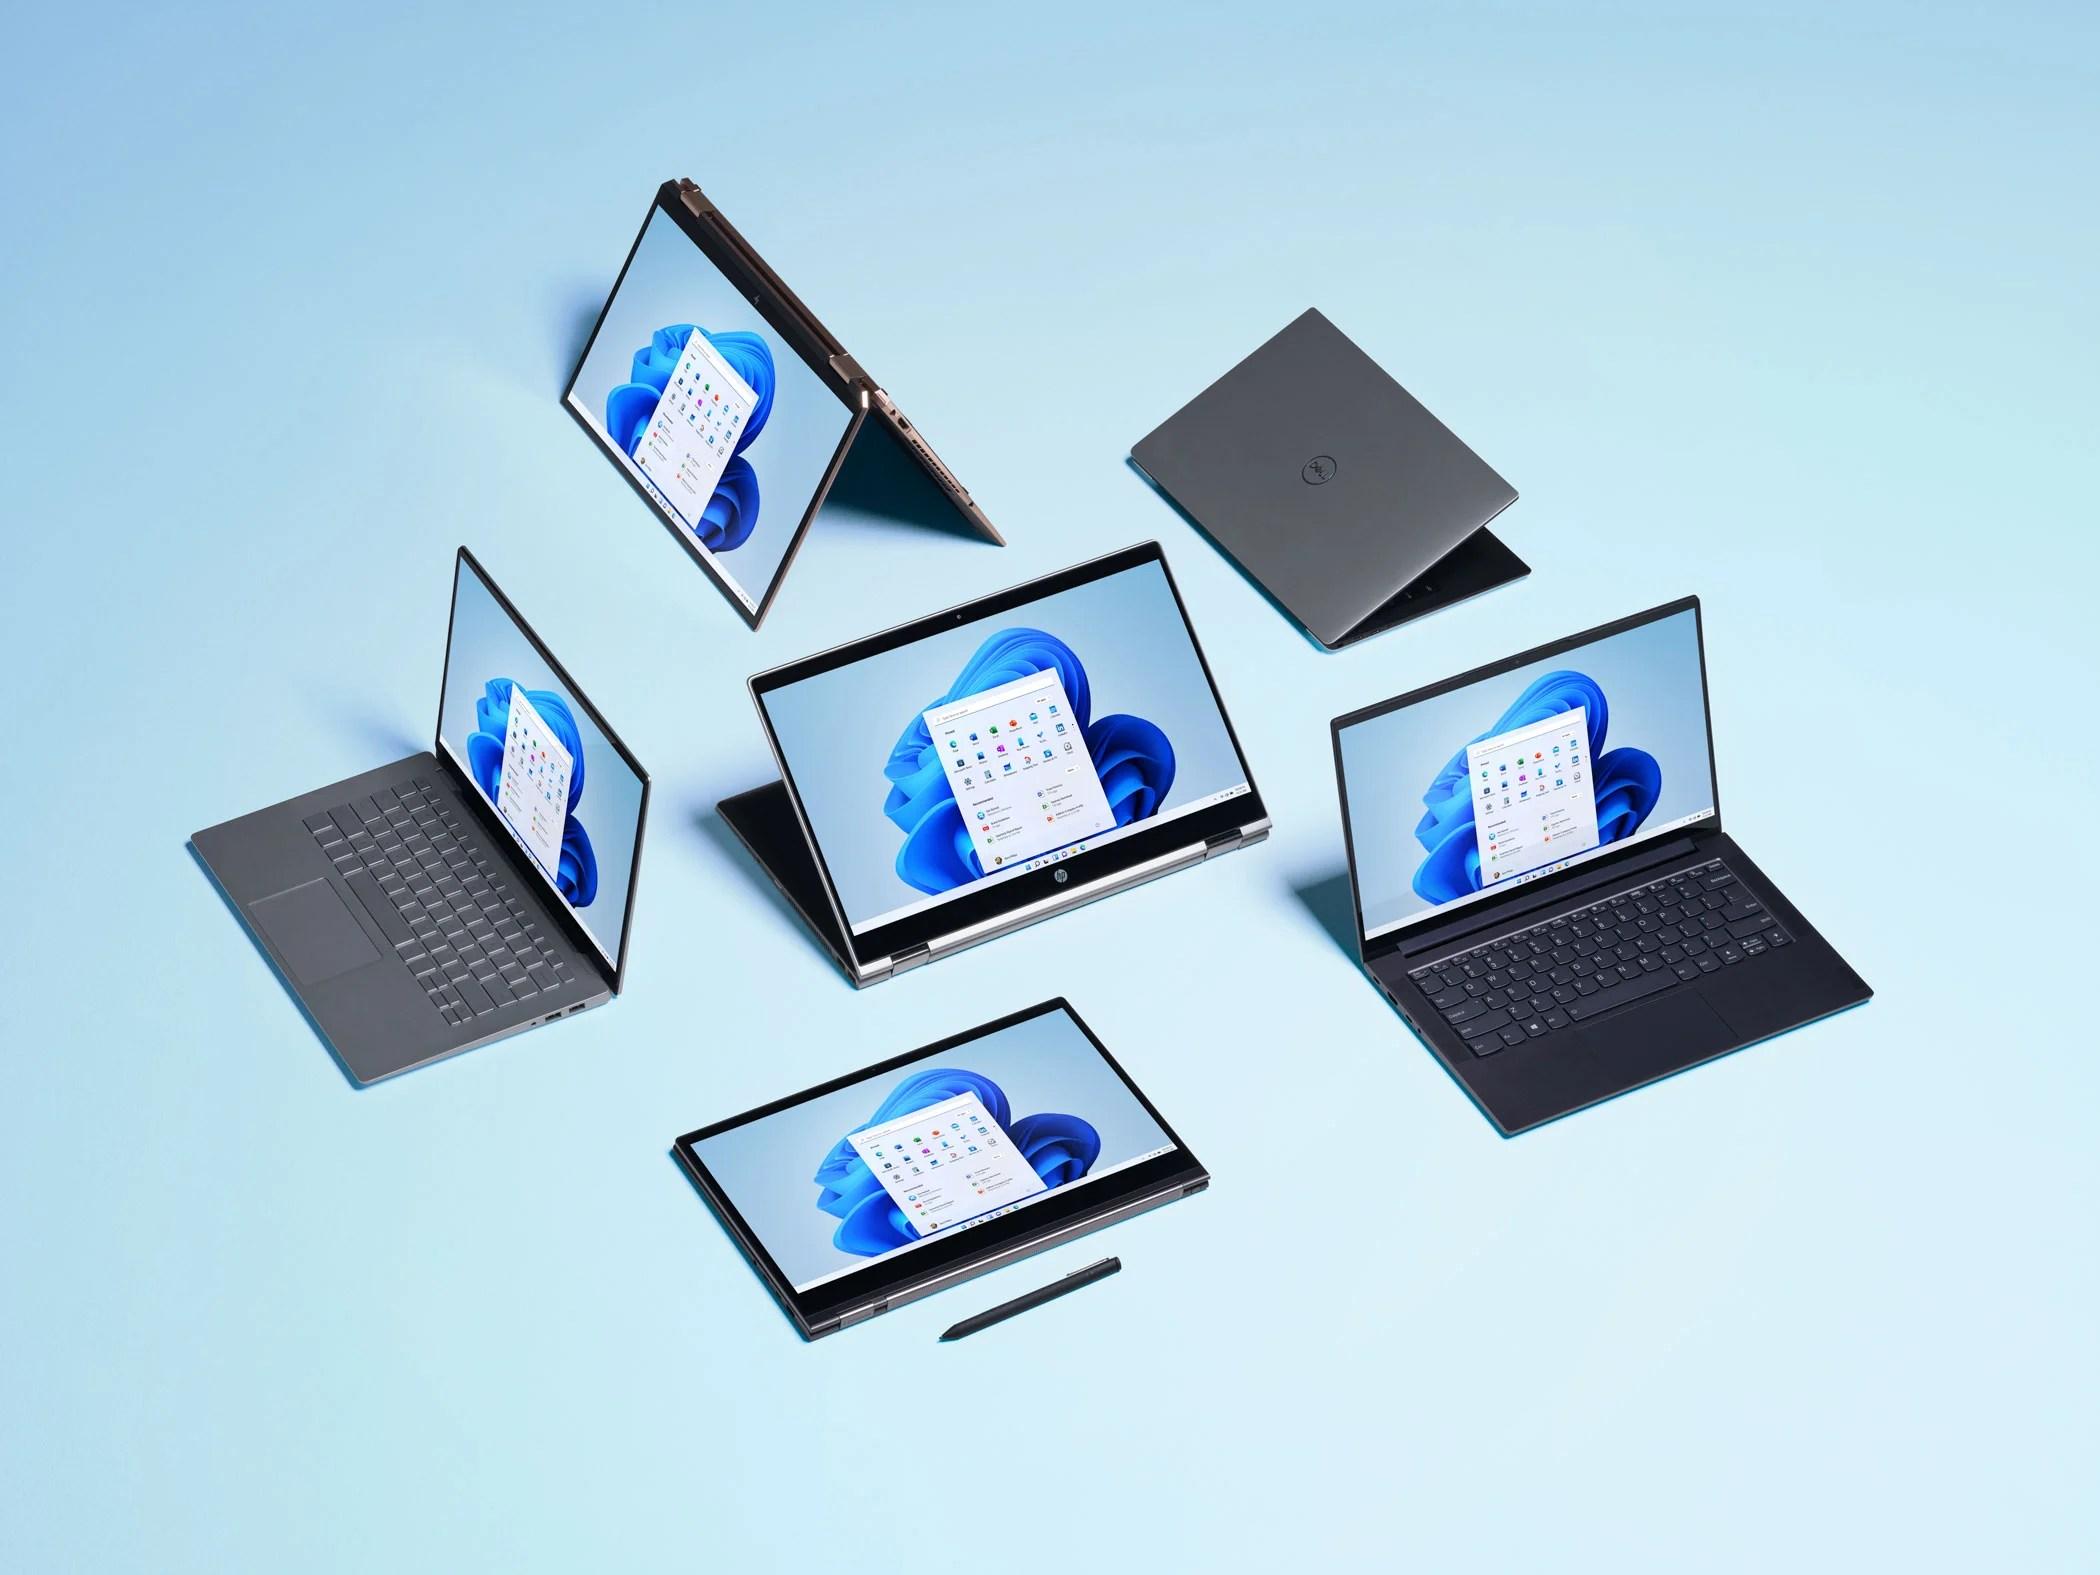 Comment installer Windows 11 sur un PC non compatible : Microsoft publie une méthode officielle